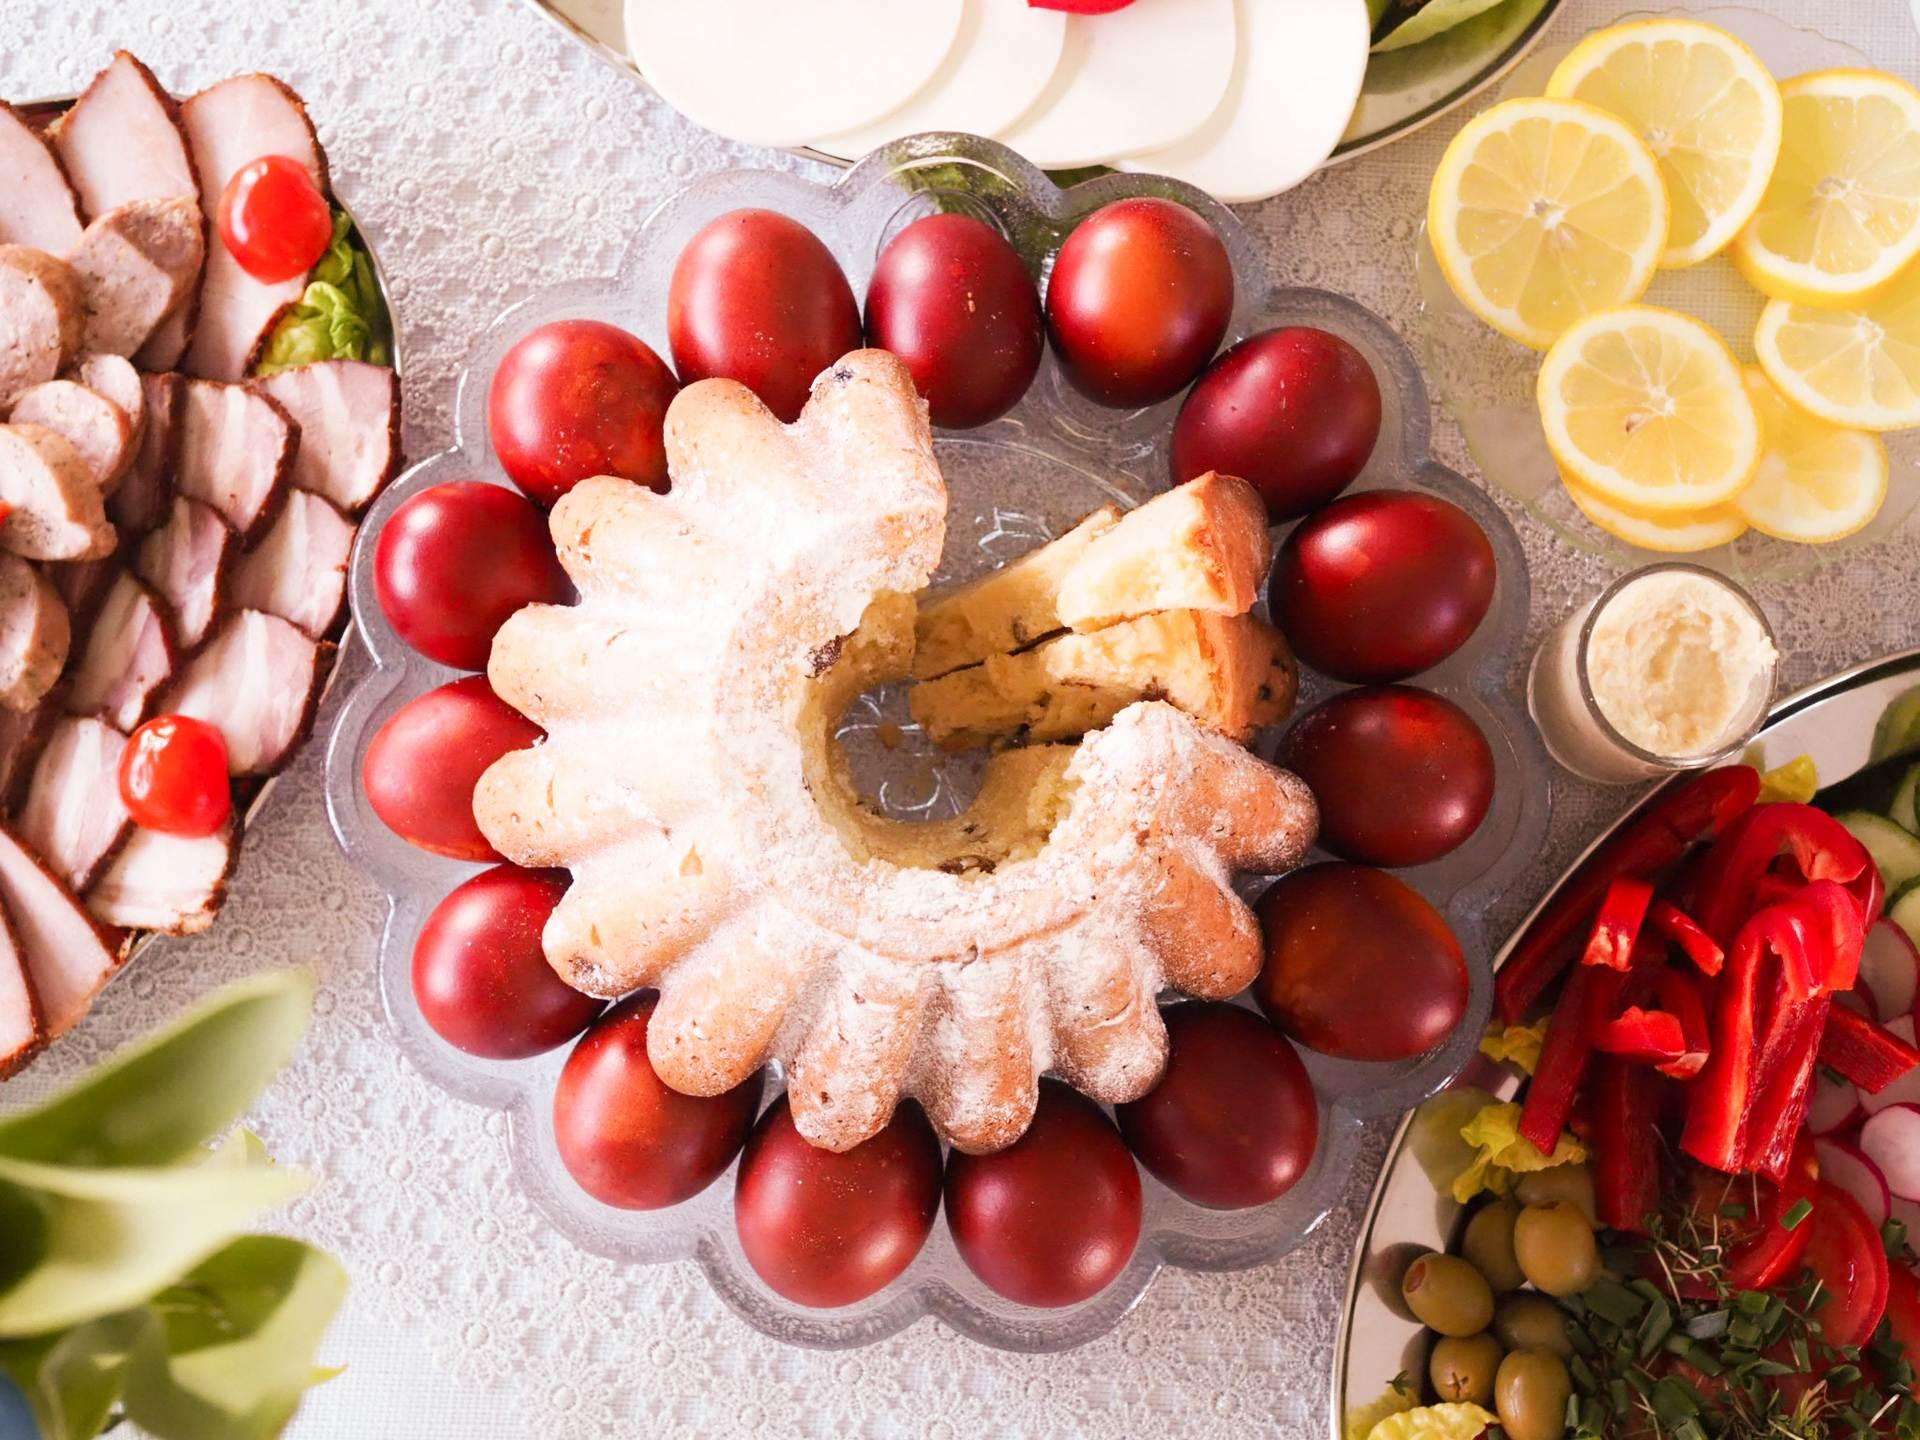 jak wrócić do diety po świętach?